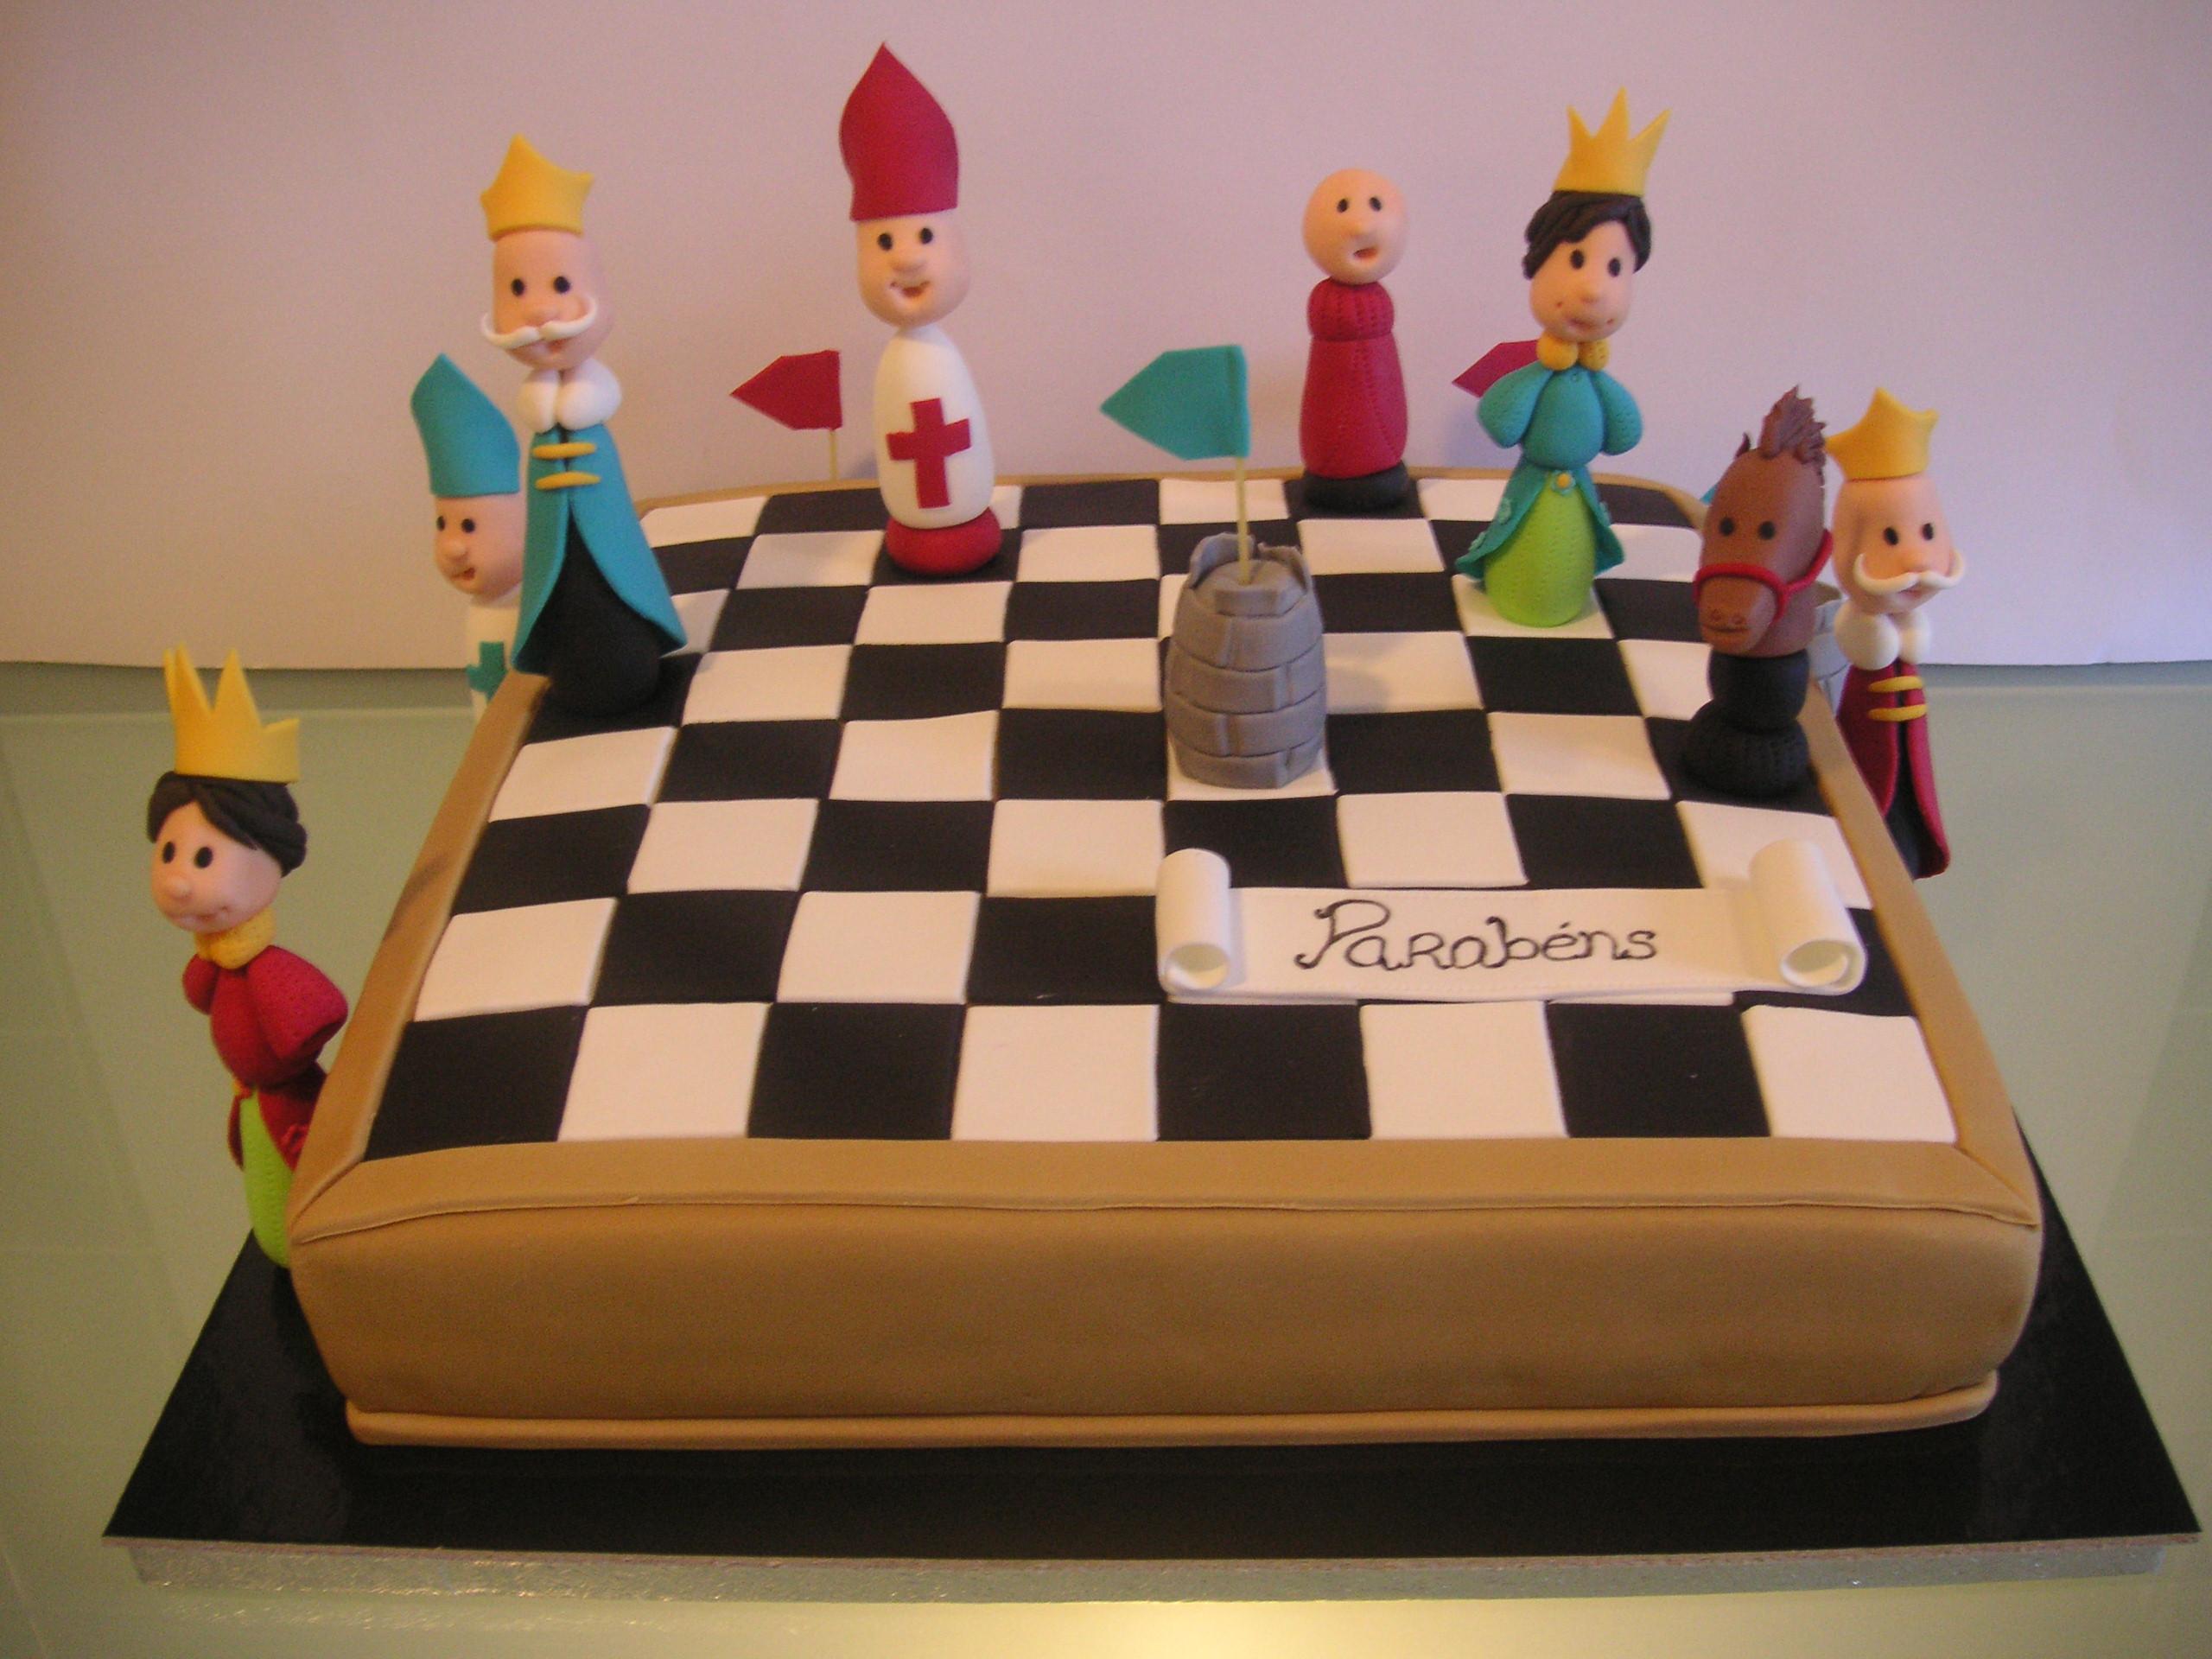 decoracao festa xadrez:bolo de xadrez decorado